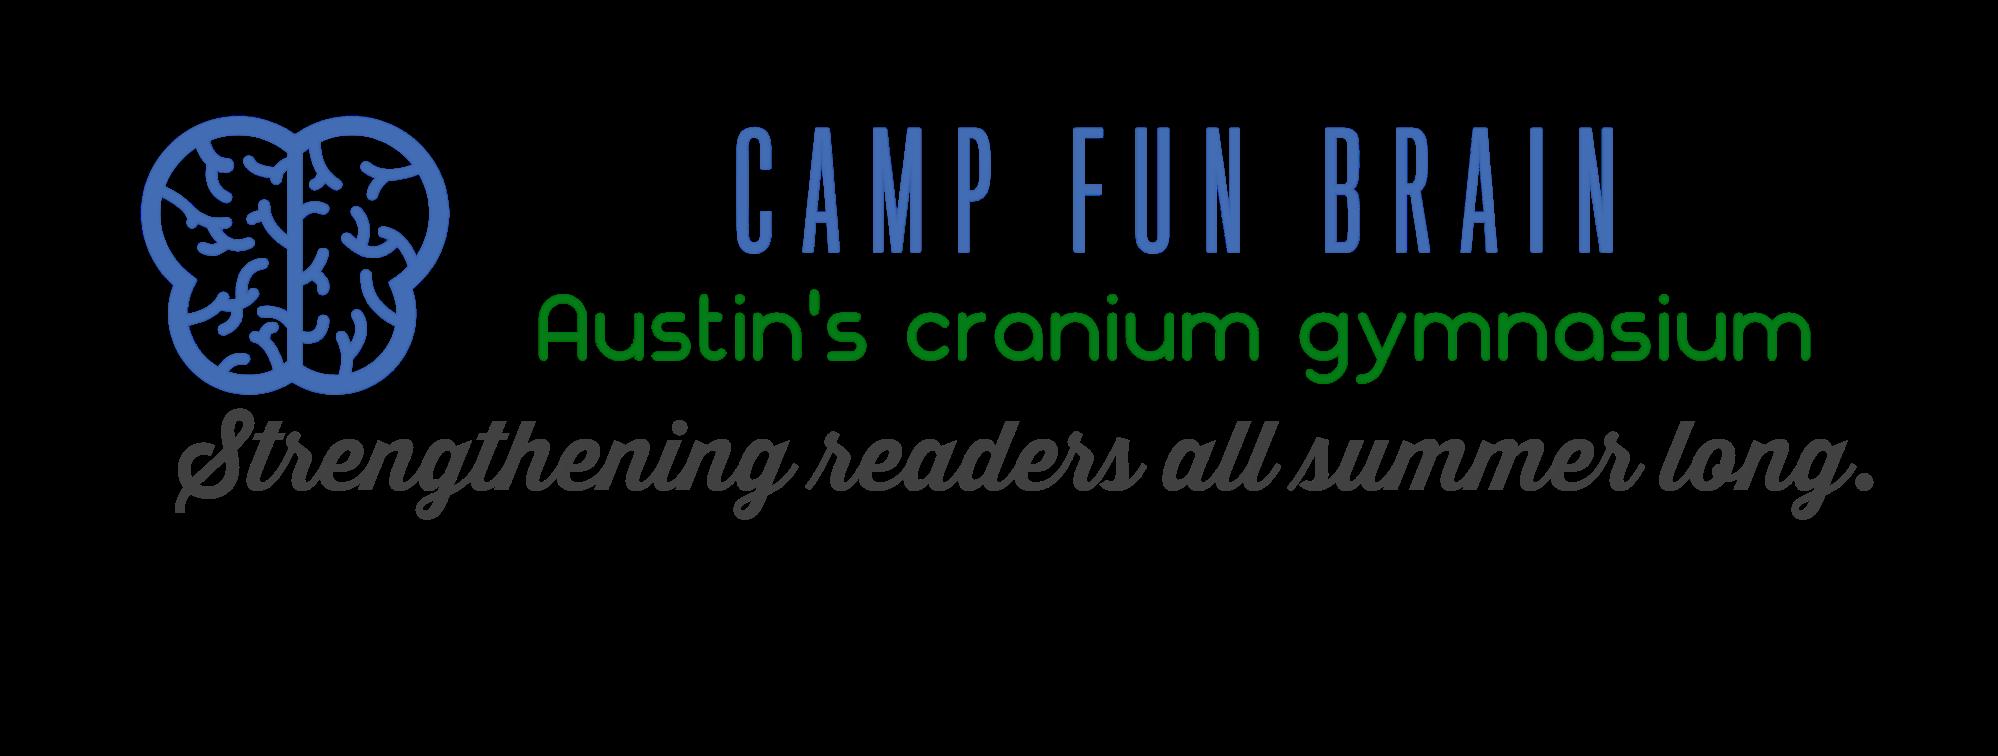 Camp Fun Brain